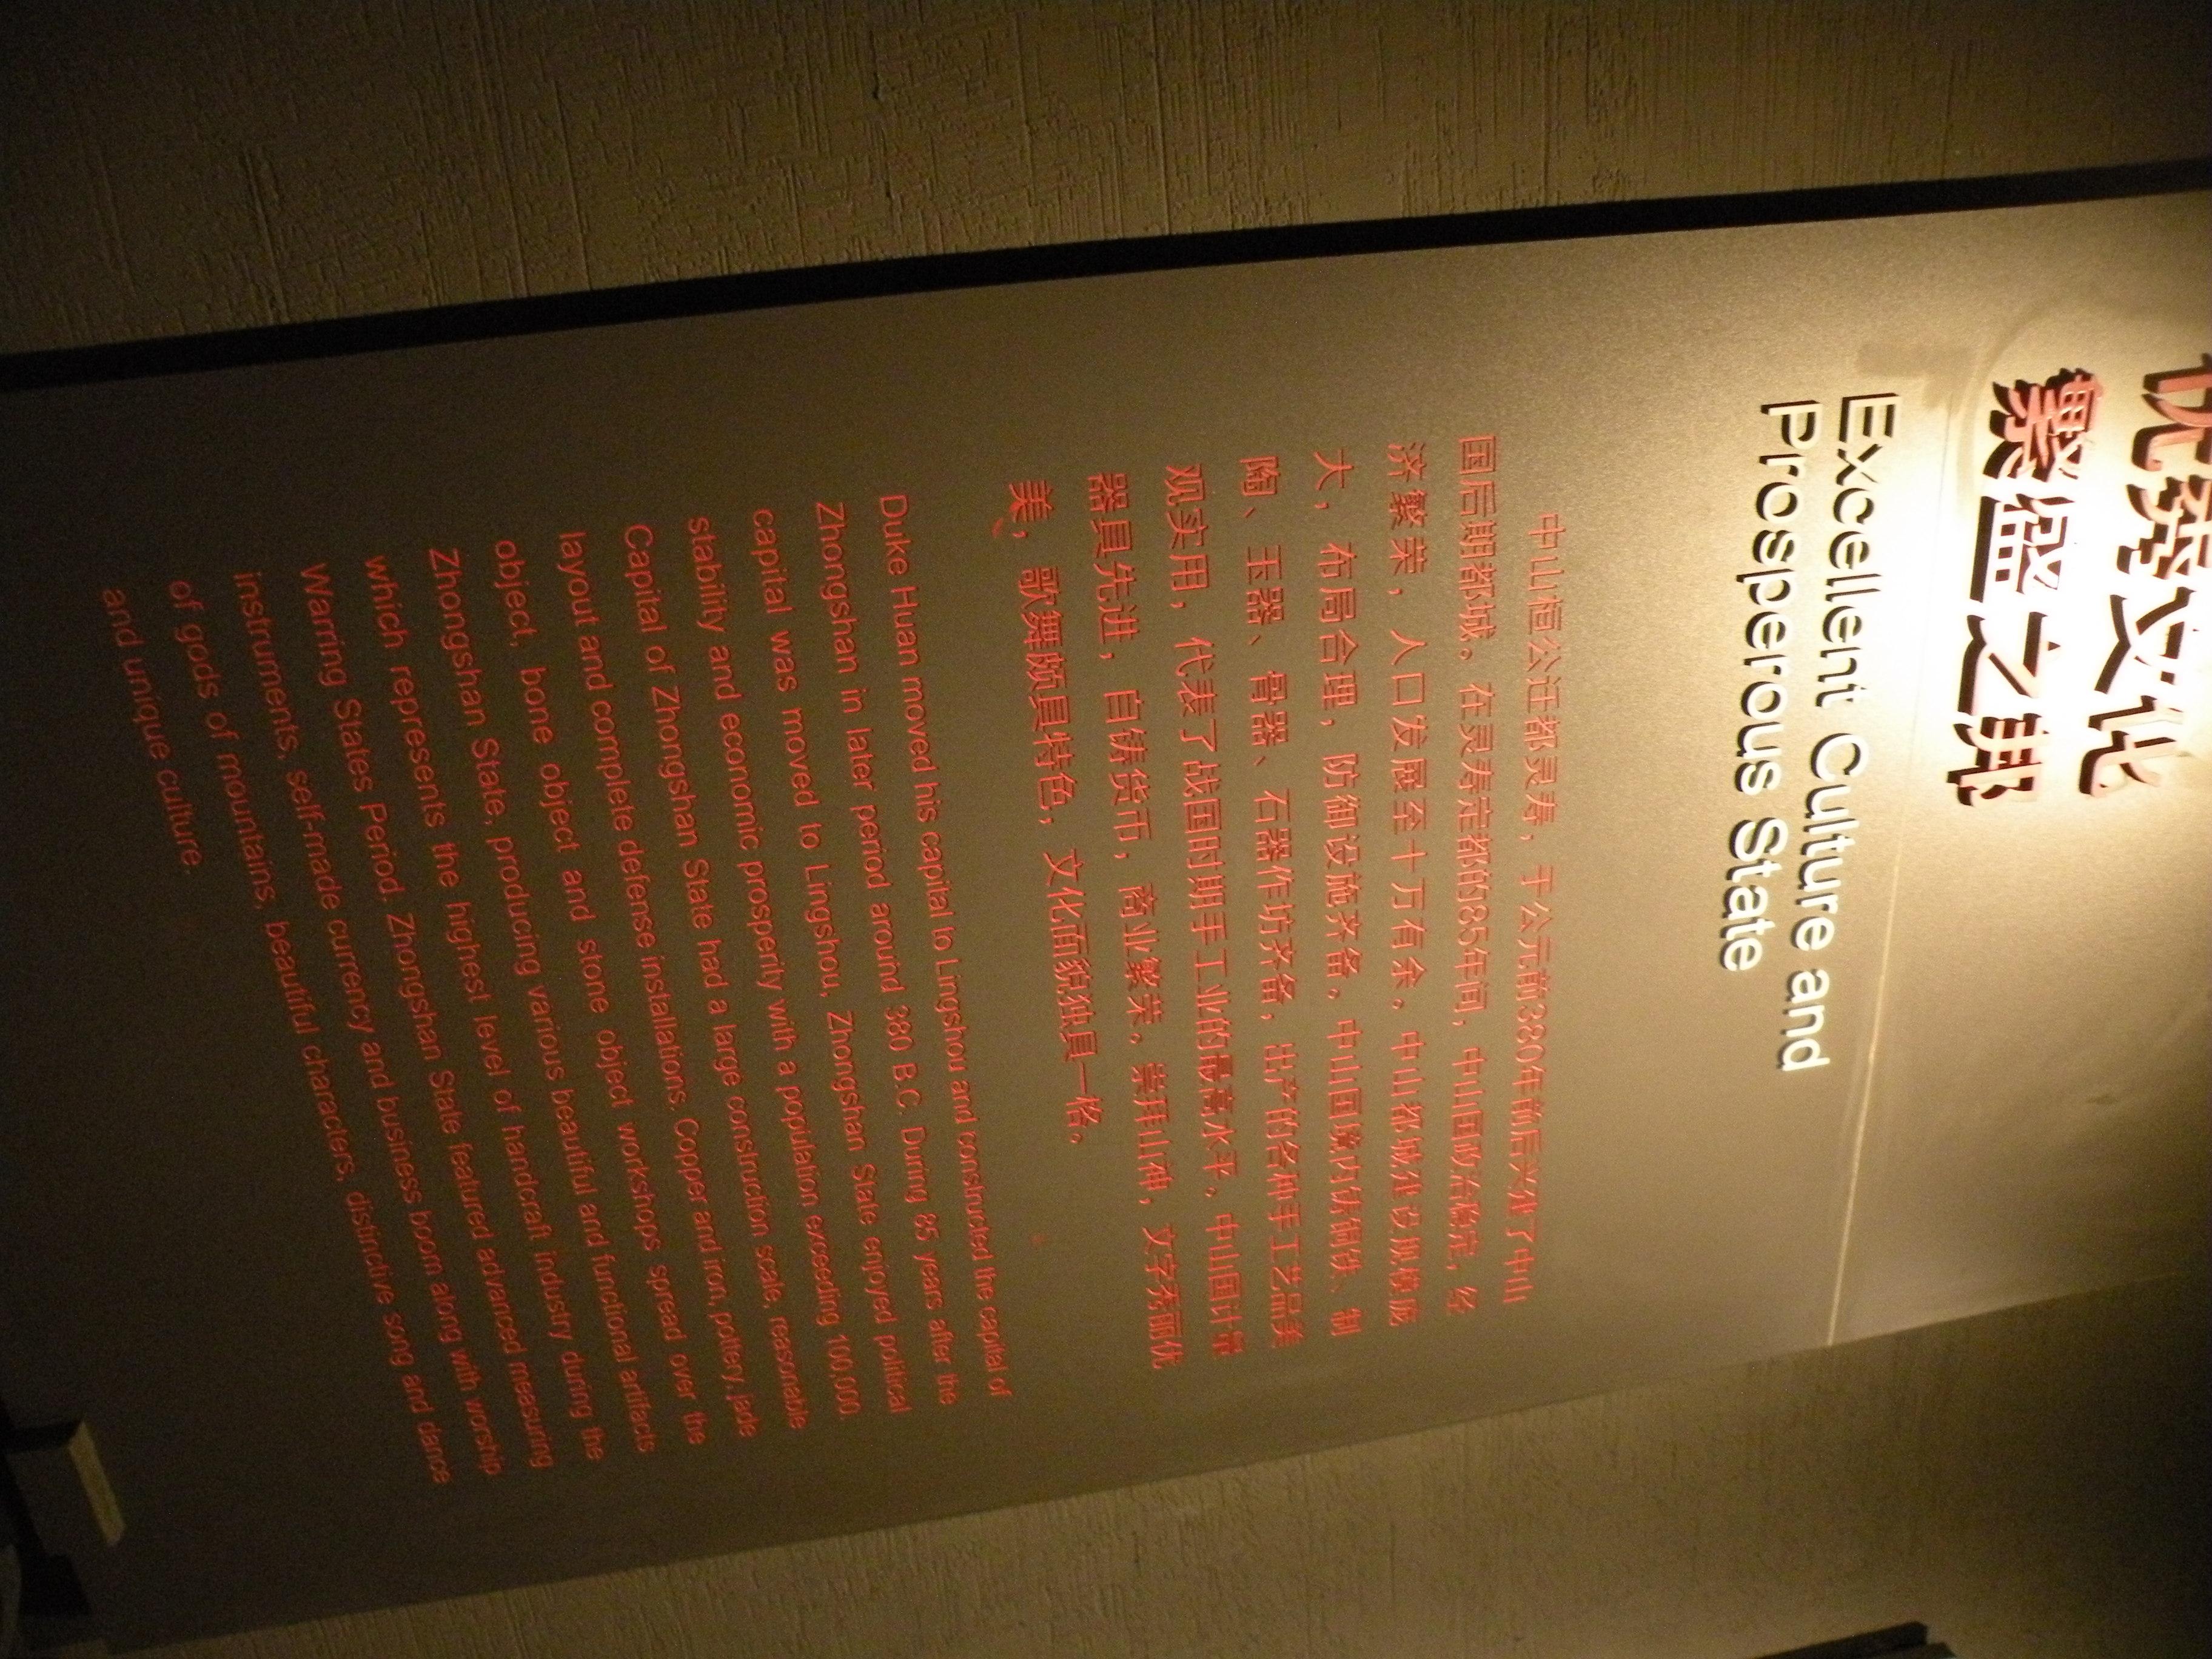 DSCN6659.JPG